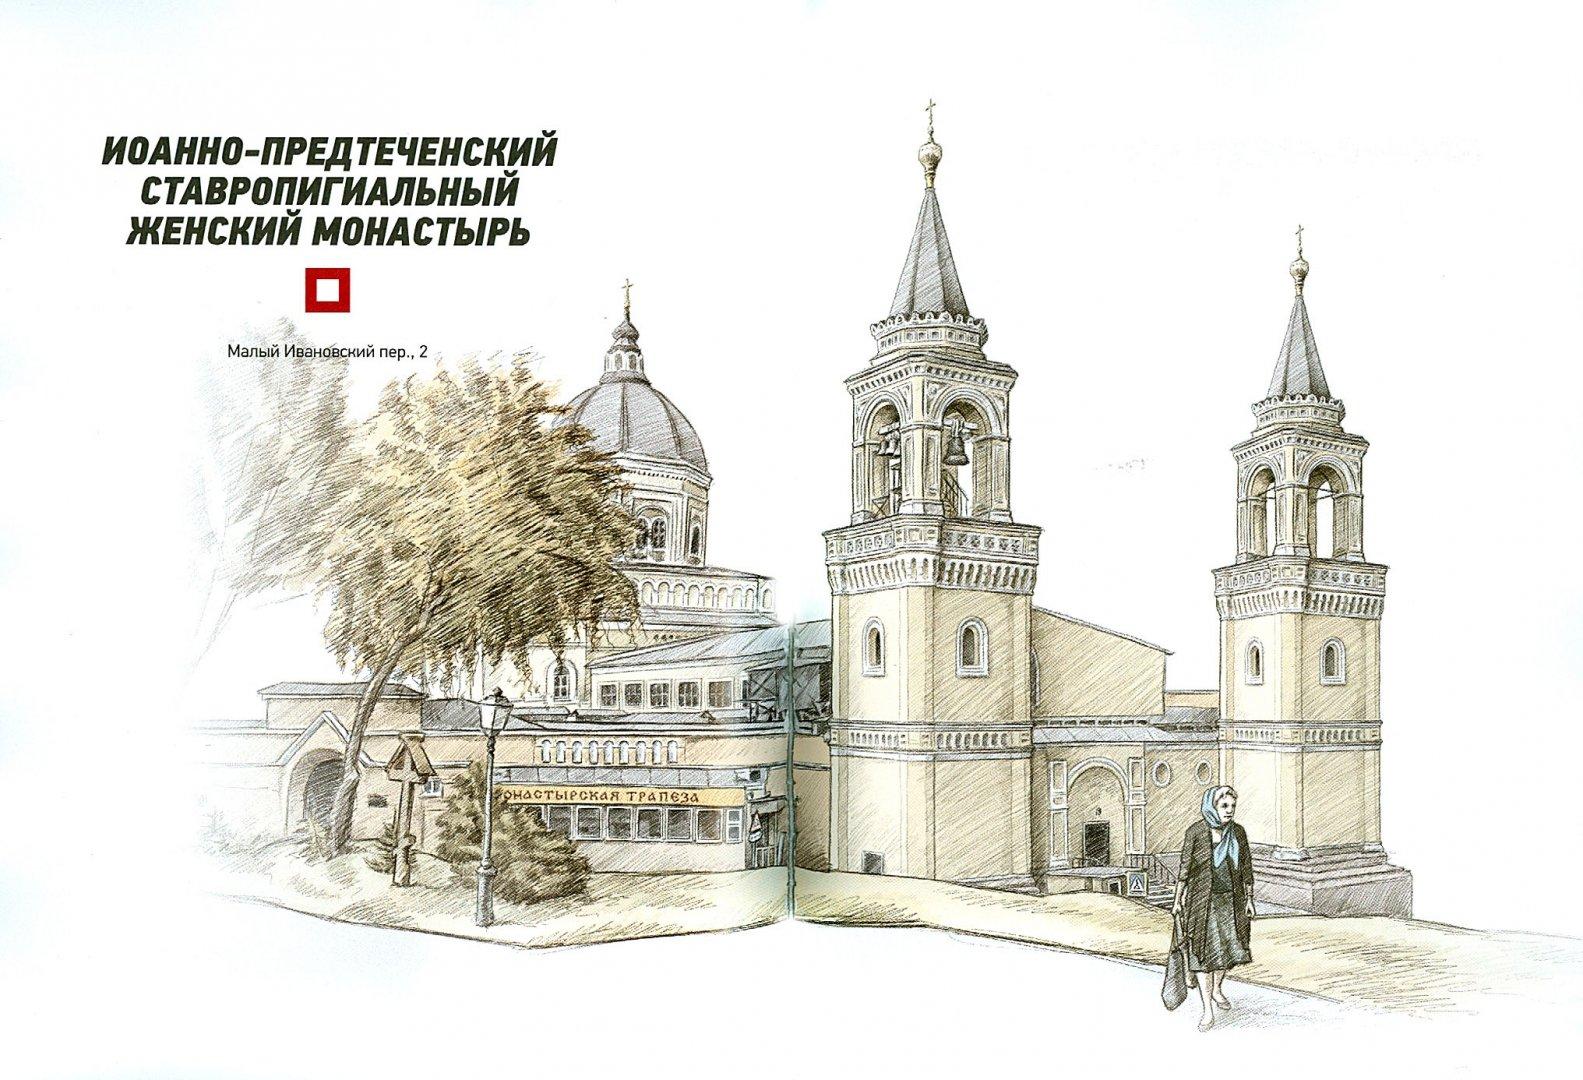 Иллюстрация 1 из 27 для 10 монастырей Москвы. Путеводитель | Лабиринт - книги. Источник: Лабиринт